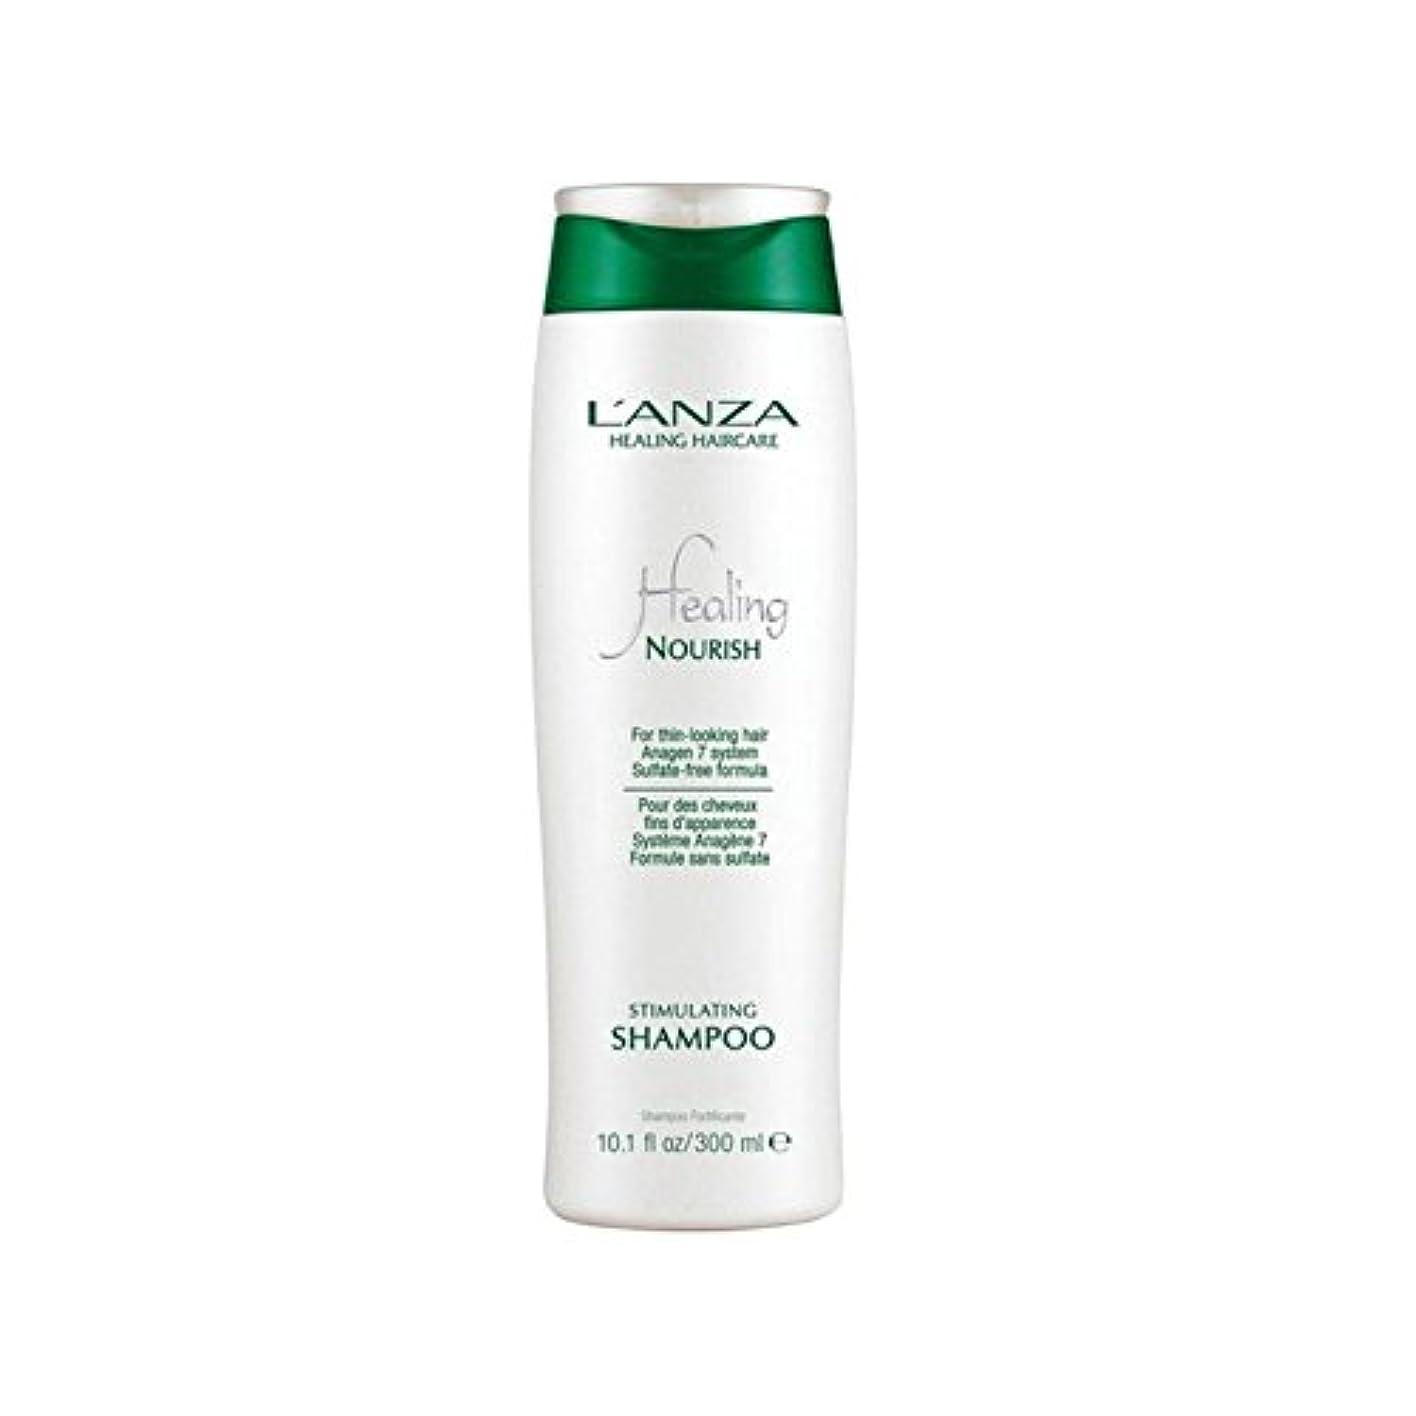 概念つかまえる願うアンザ治癒はシャンプーを刺激養う(300ミリリットル) x2 - L'Anza Healing Nourish Stimulating Shampoo (300ml) (Pack of 2) [並行輸入品]